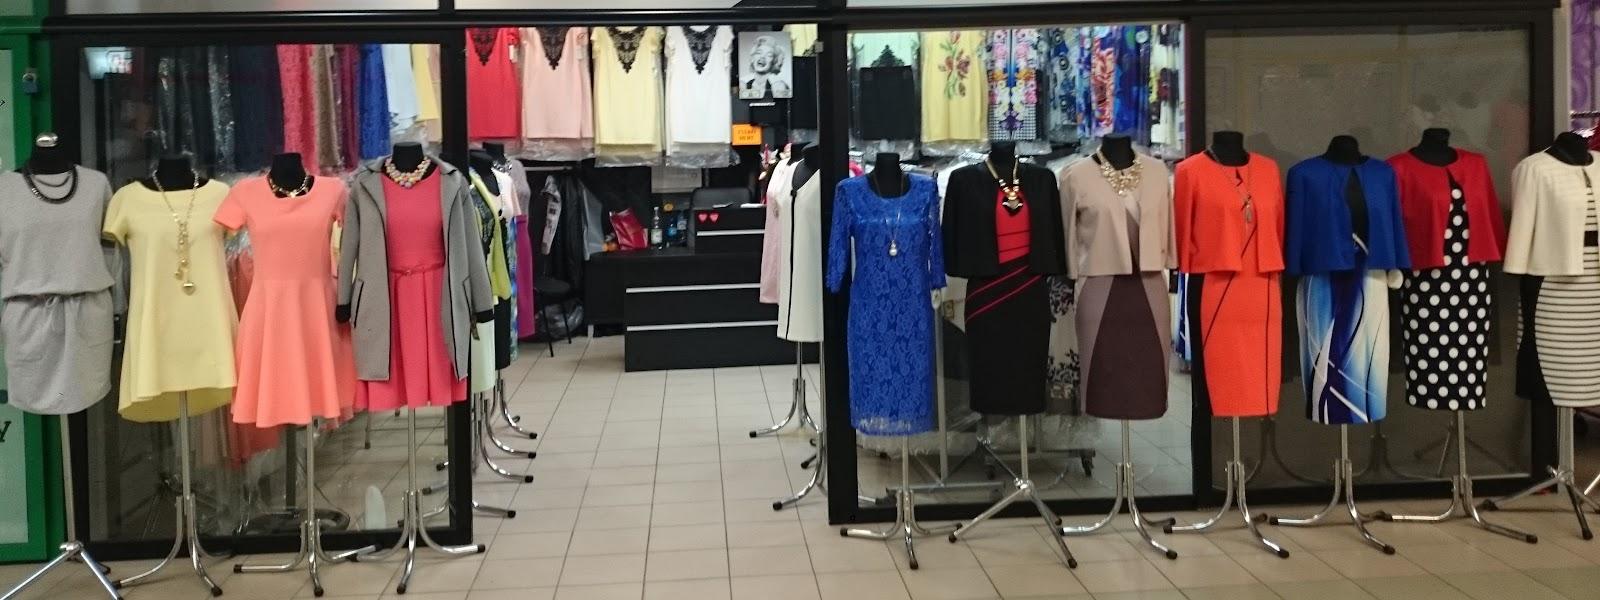 3fdca3ab6a0510 Niektóre sklepy w Wólce (Hala ASG, EACC i Hala Polska) sprzedają odzież  damską i młodzieżową Polskich producentów. Większość modeli jest stosunkowo  prosta i ...